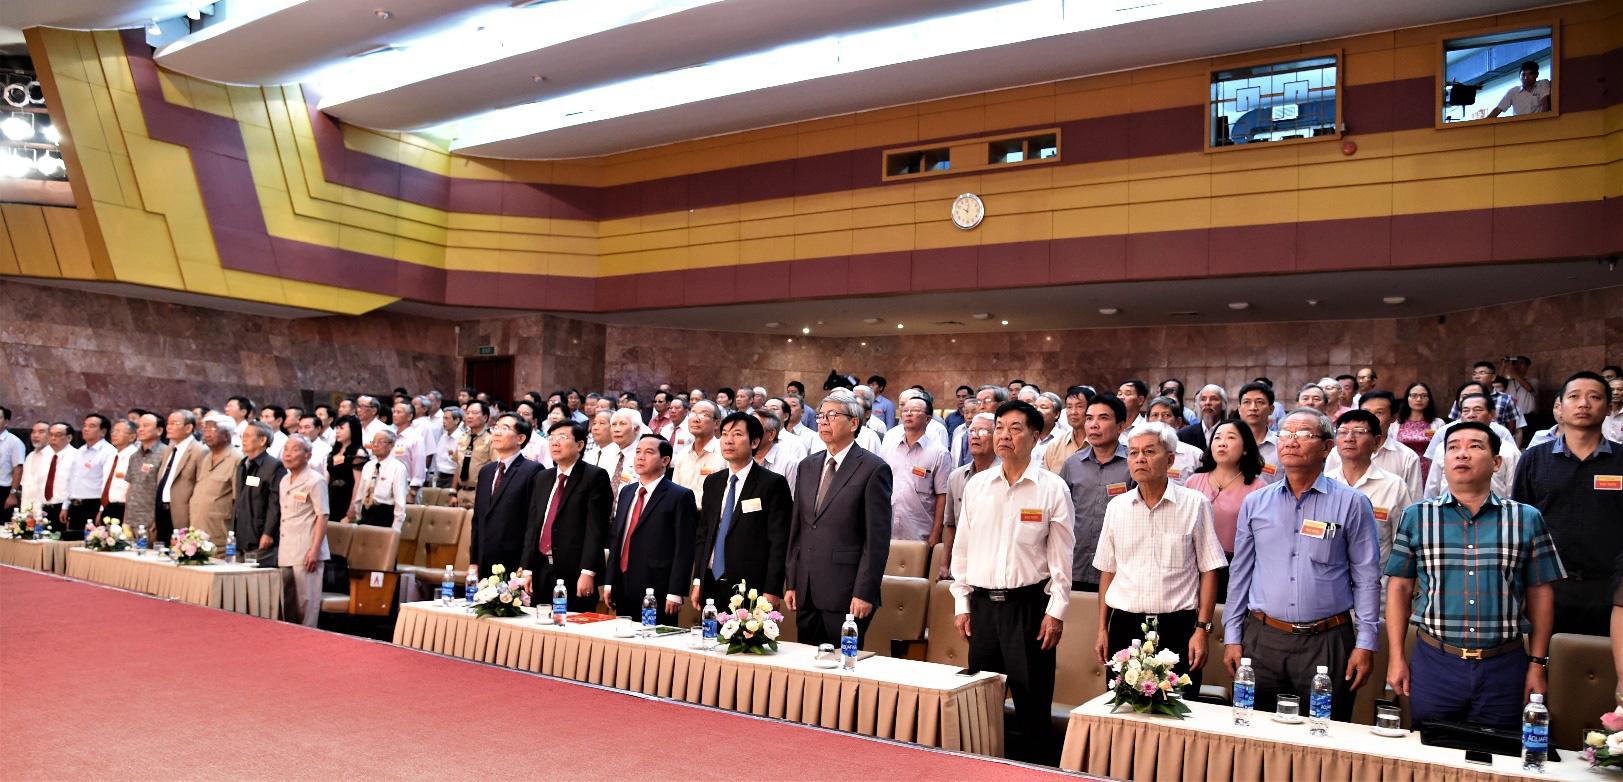 Khám phá lễ hội Bonsai & Suiseki Châu Á - Thái Bình Dương tại Suối Tiên - Ảnh 5.